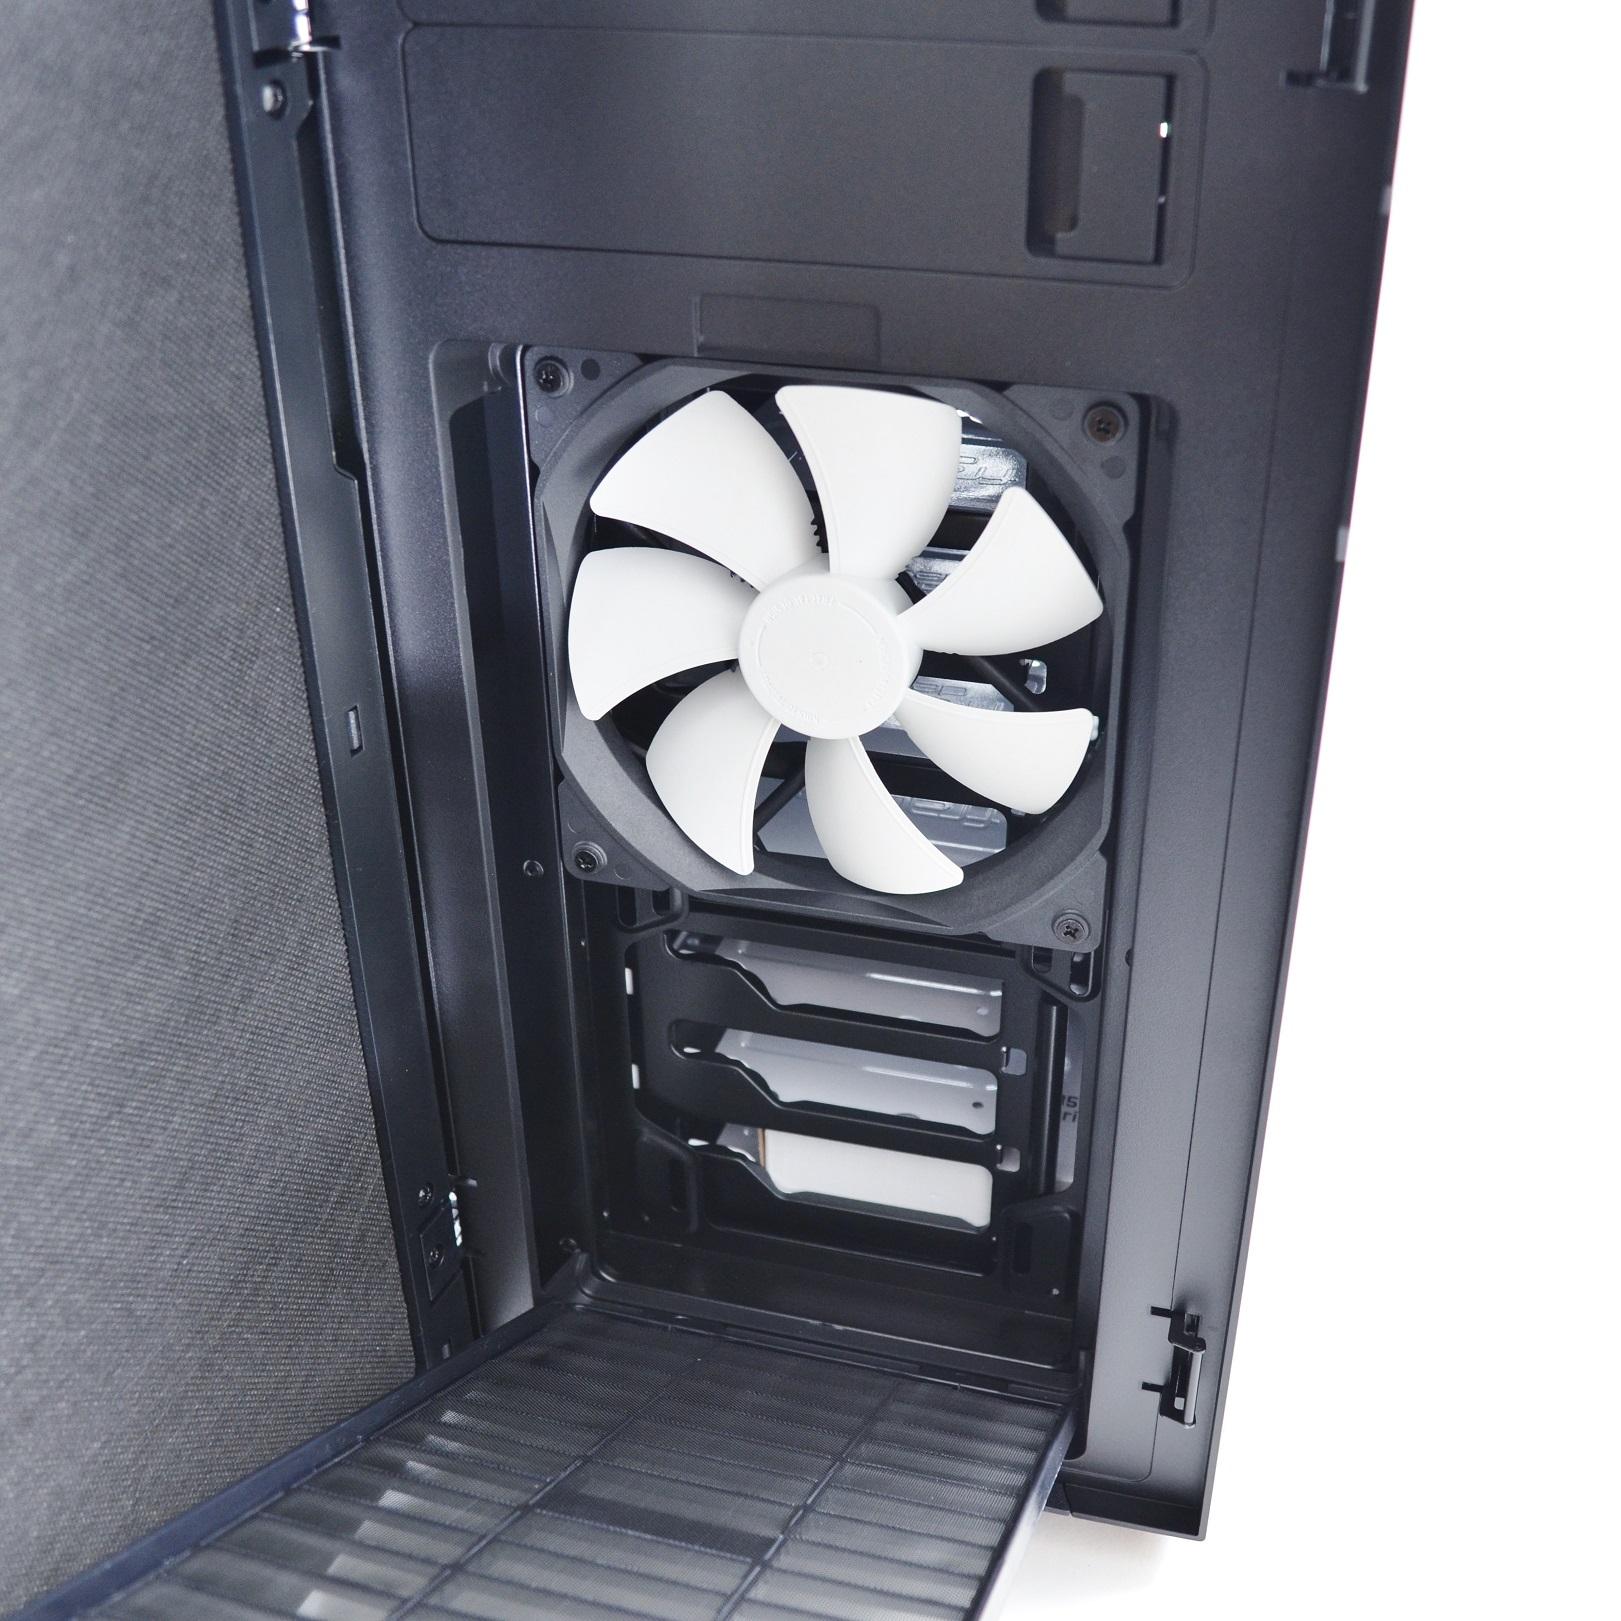 r5-front-fan.jpg